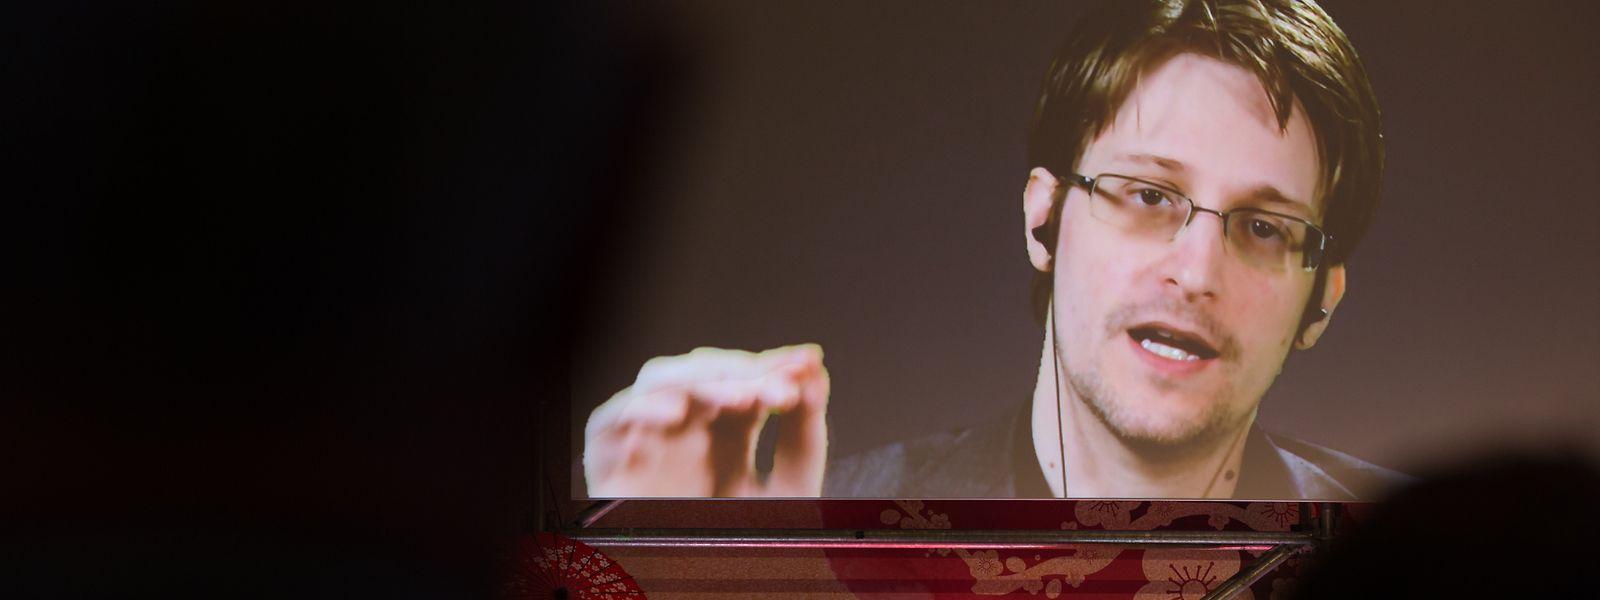 Der US-Whistleblower und ehemalige CIA-Mitarbeiter Edward Snowden lebt weiterhin im Exil in Russland. In den USA droht ihm ein Prozess wegen Hochverrats.